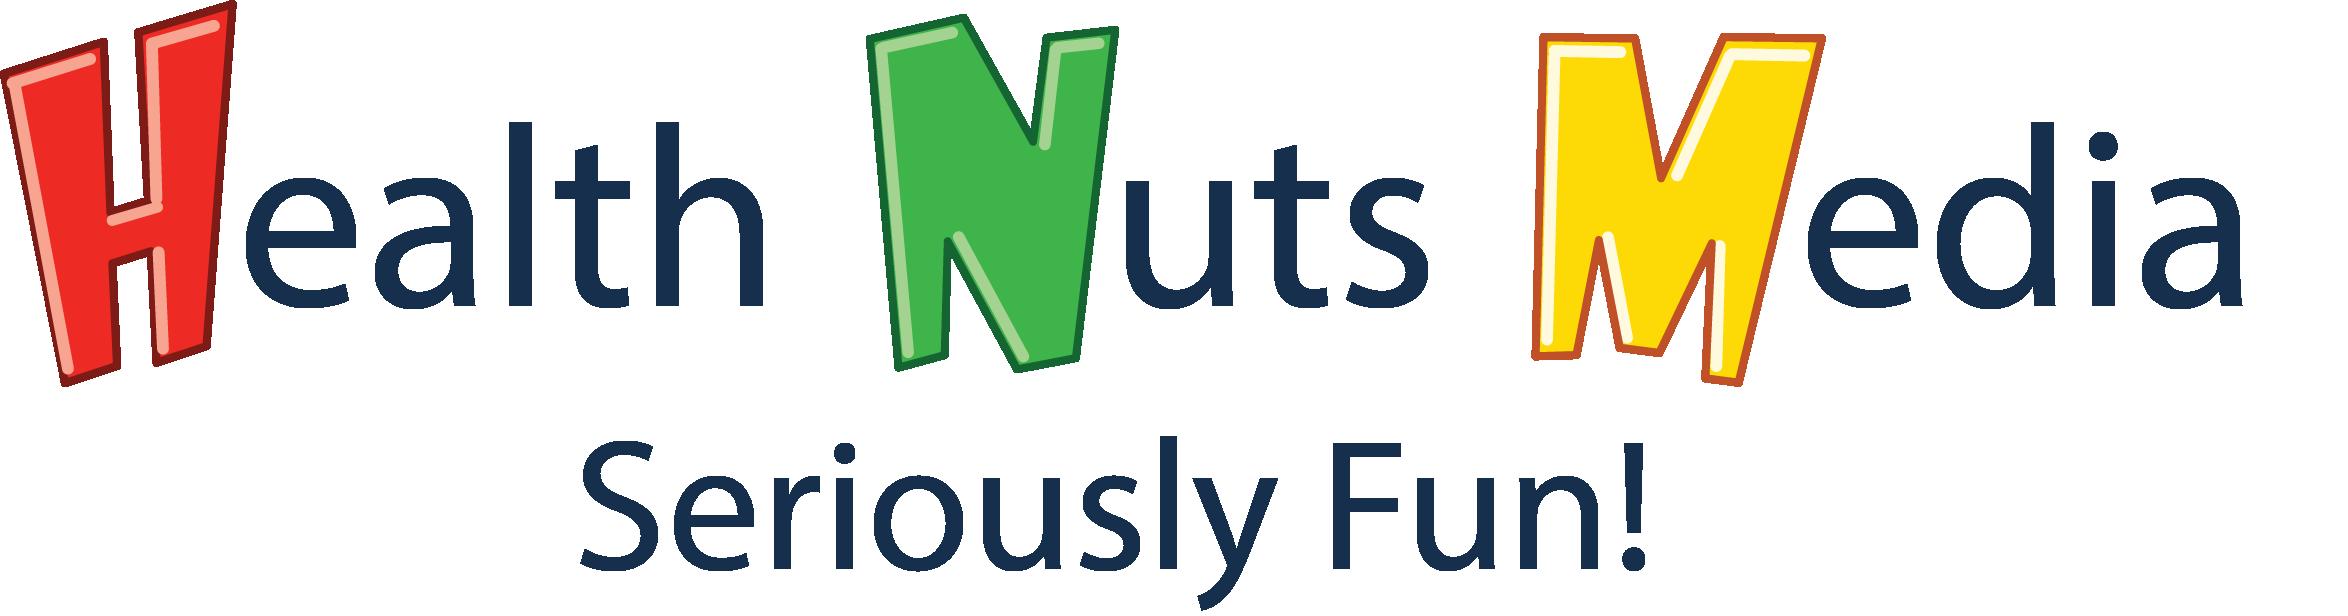 HNM-SERIOUSLY-FUN-logo blue LARGE.png